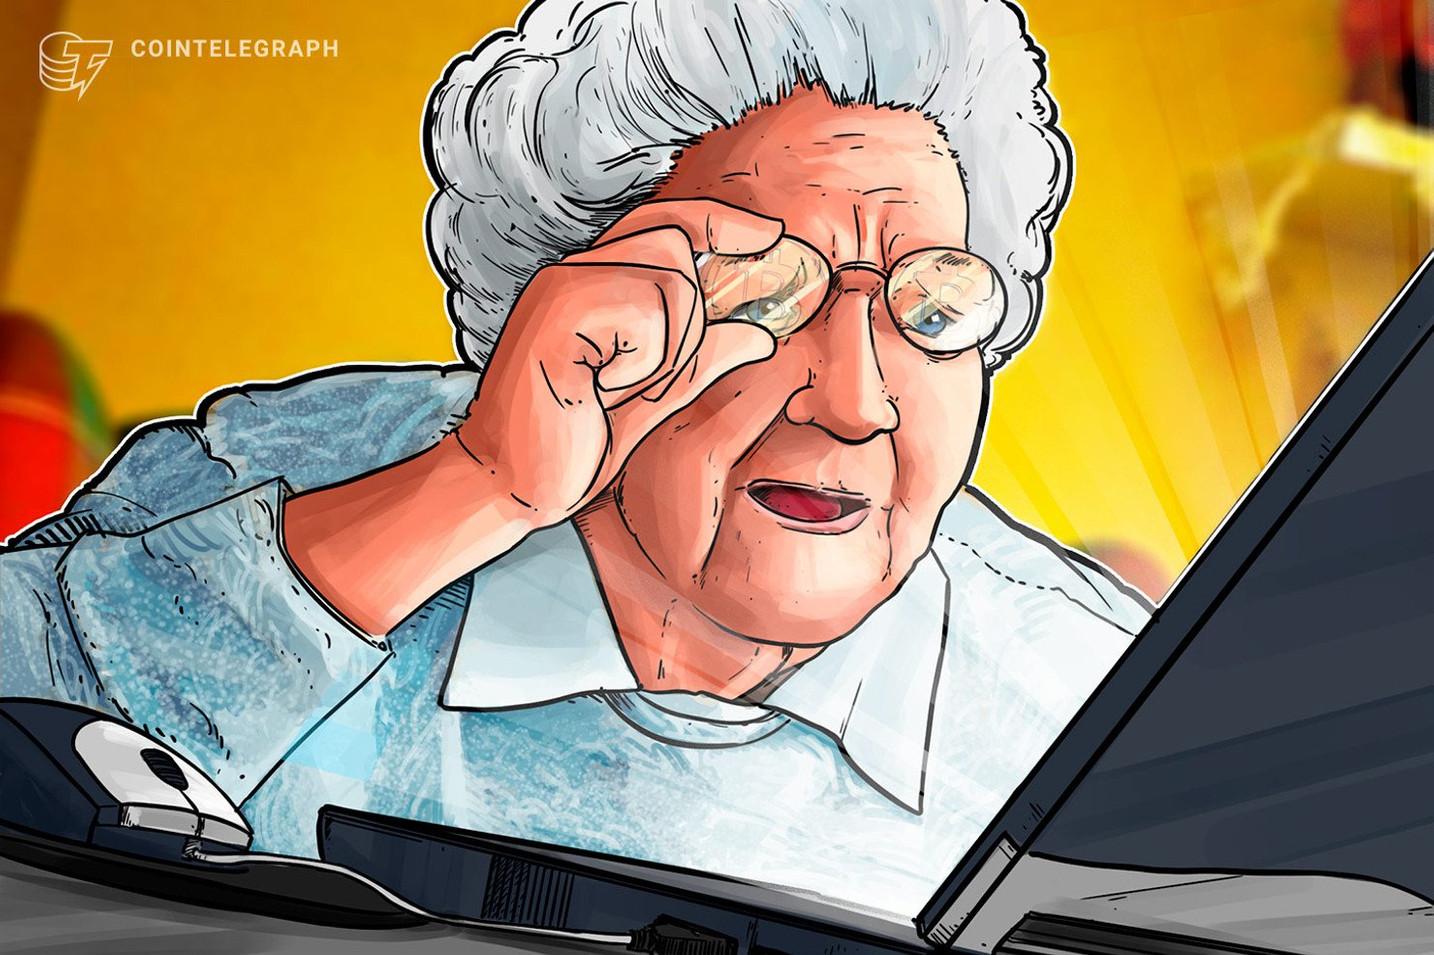 高齢世代の仮想通貨ビットコイン投資が加速 新型コロナ後に顕著=英レポート